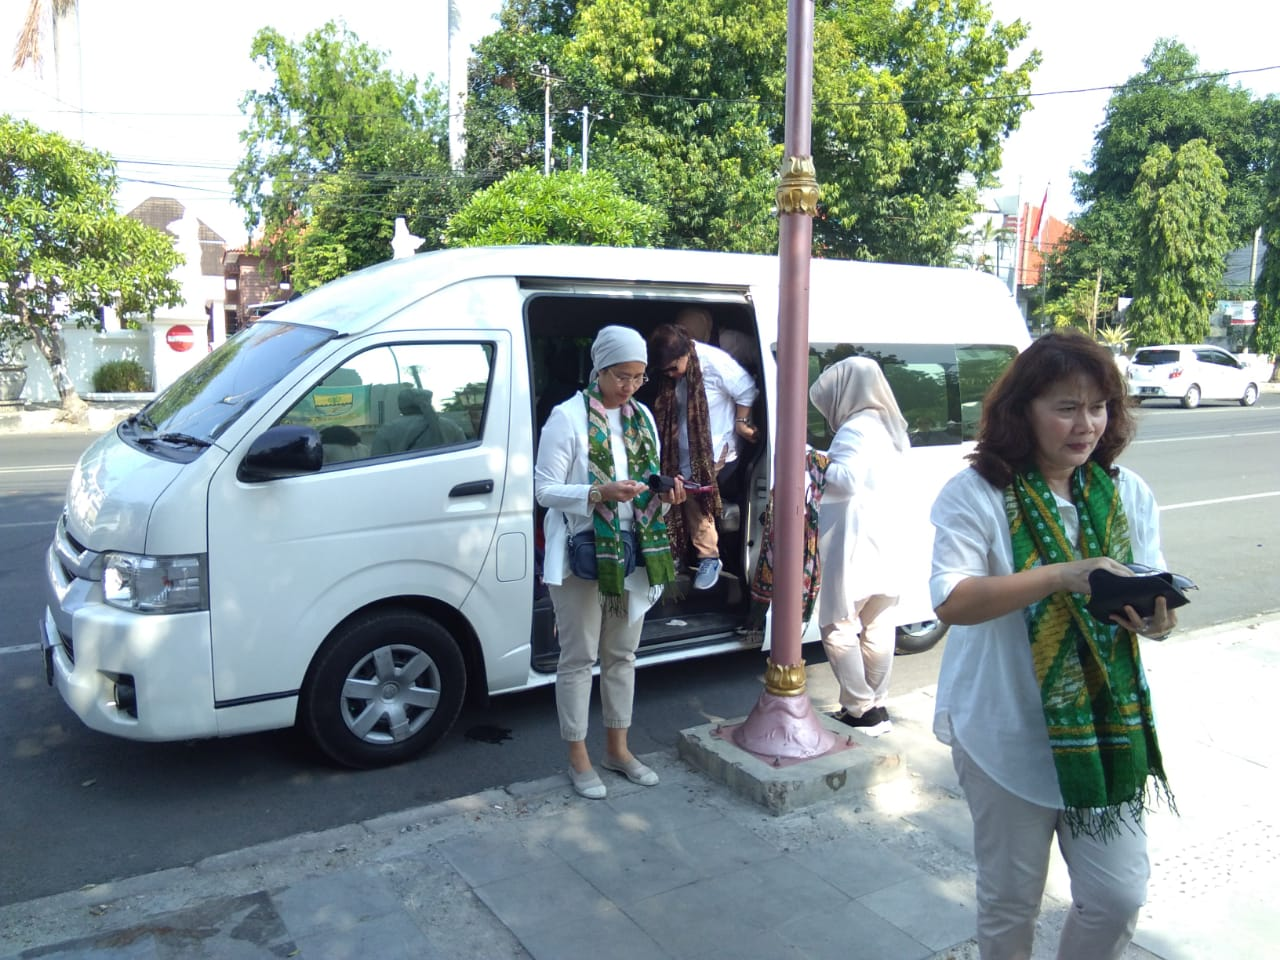 Sewa Mobil Cirebon Harga Murah Dengan Sopir Berpengalaman